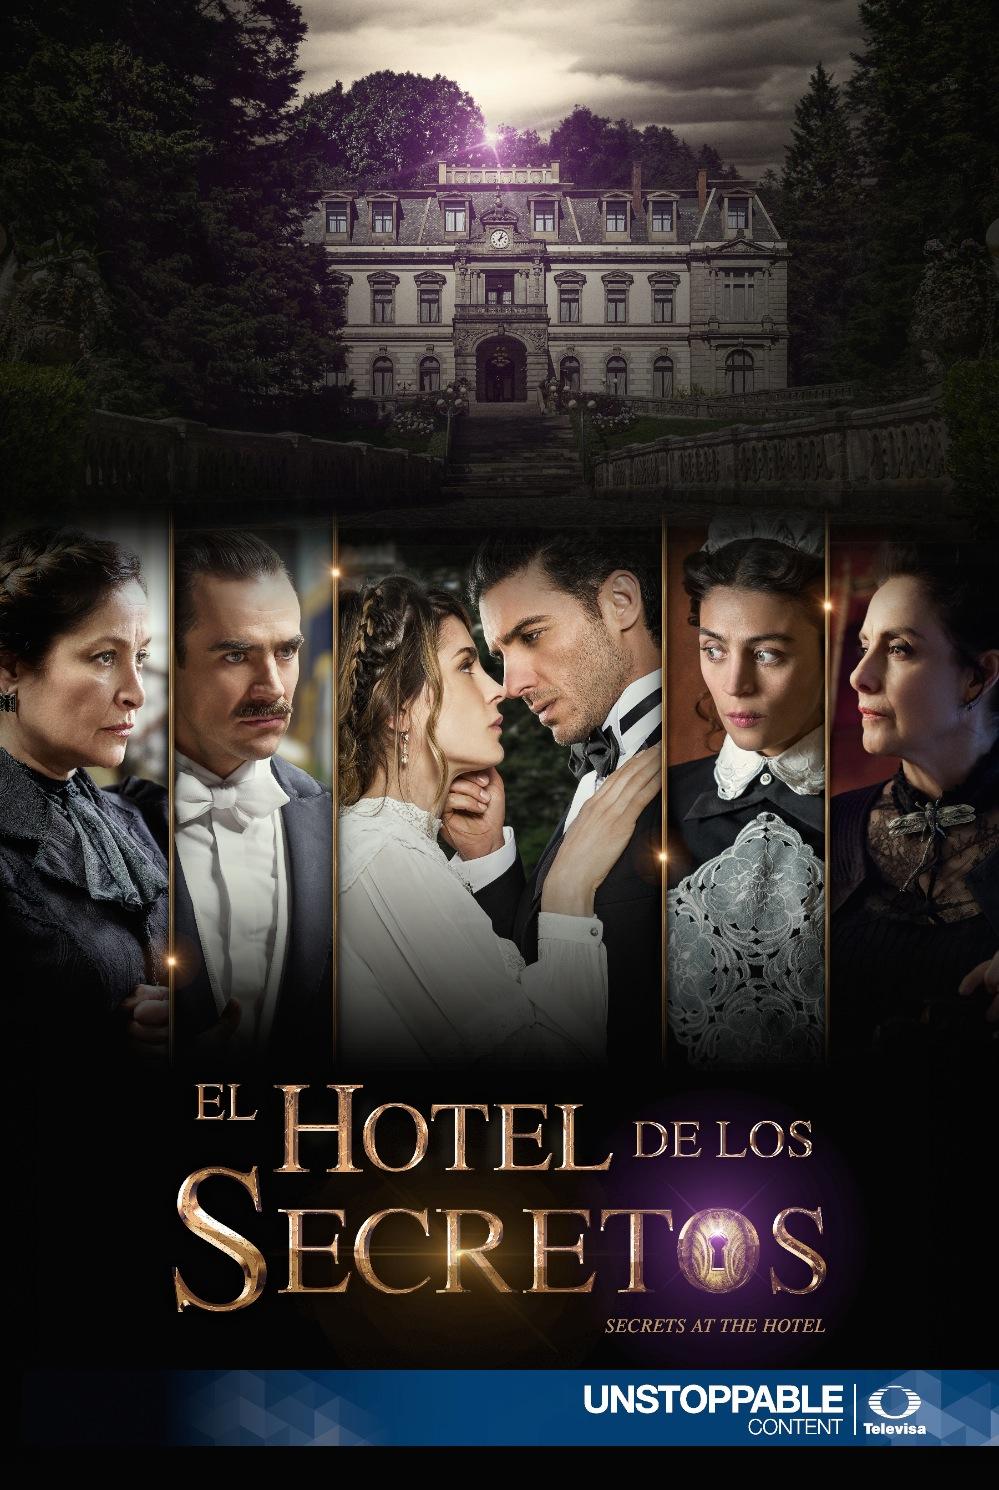 sinopsis y posters de el hotel de los secretos m s telenovelas. Black Bedroom Furniture Sets. Home Design Ideas